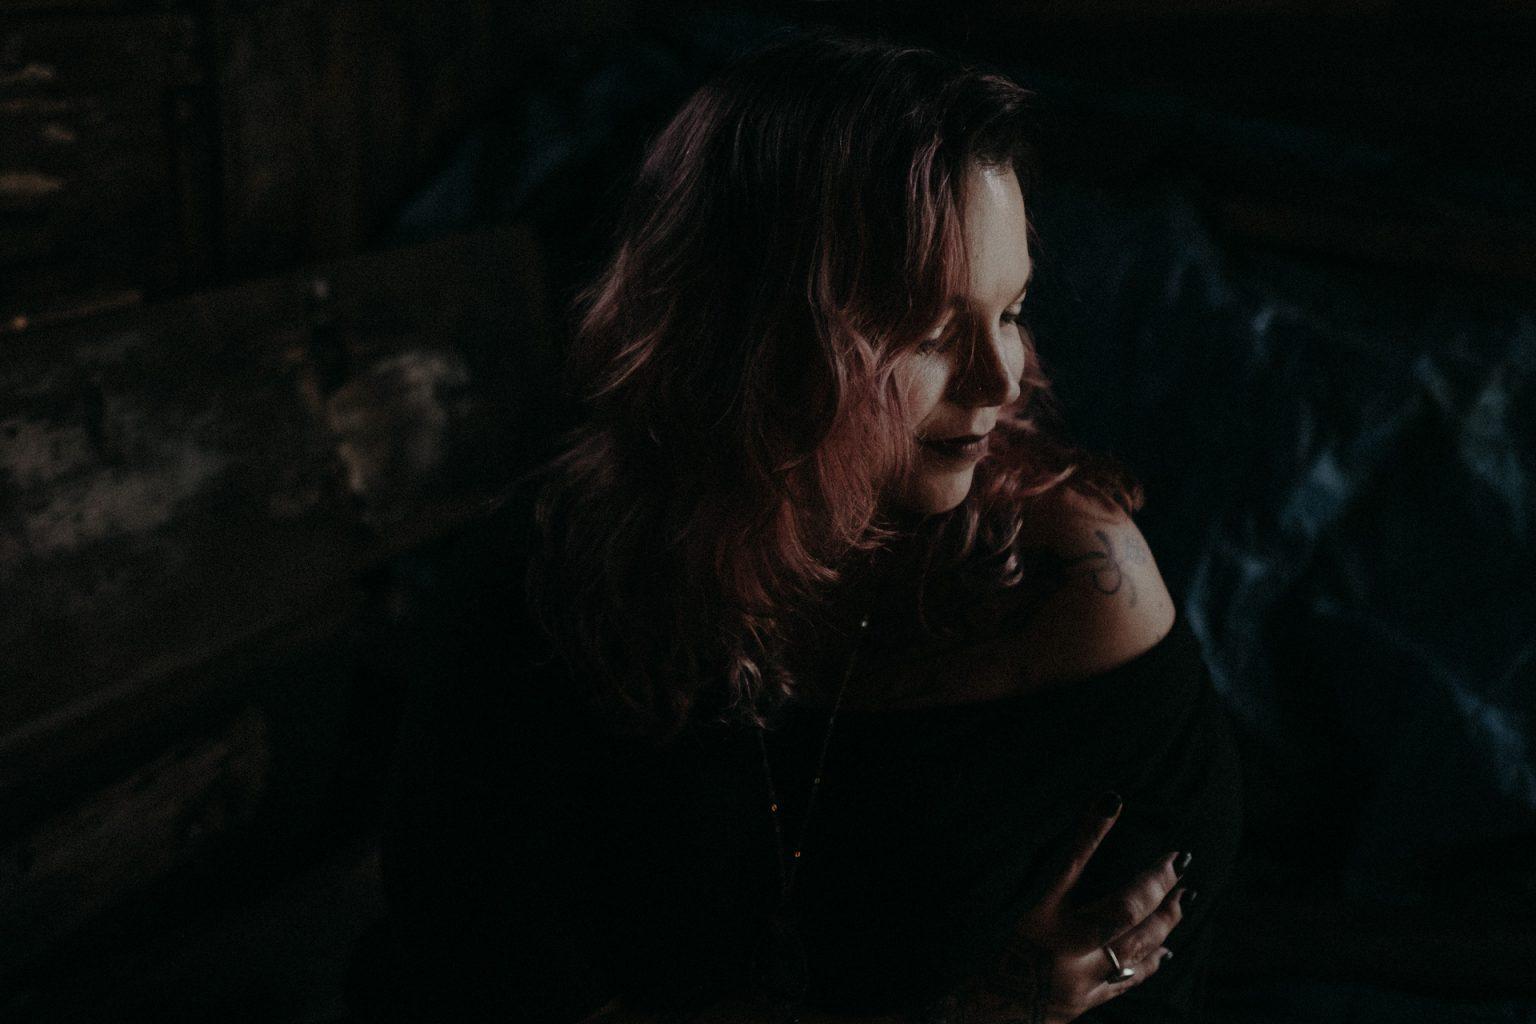 portrait of woman in shadow brisbane